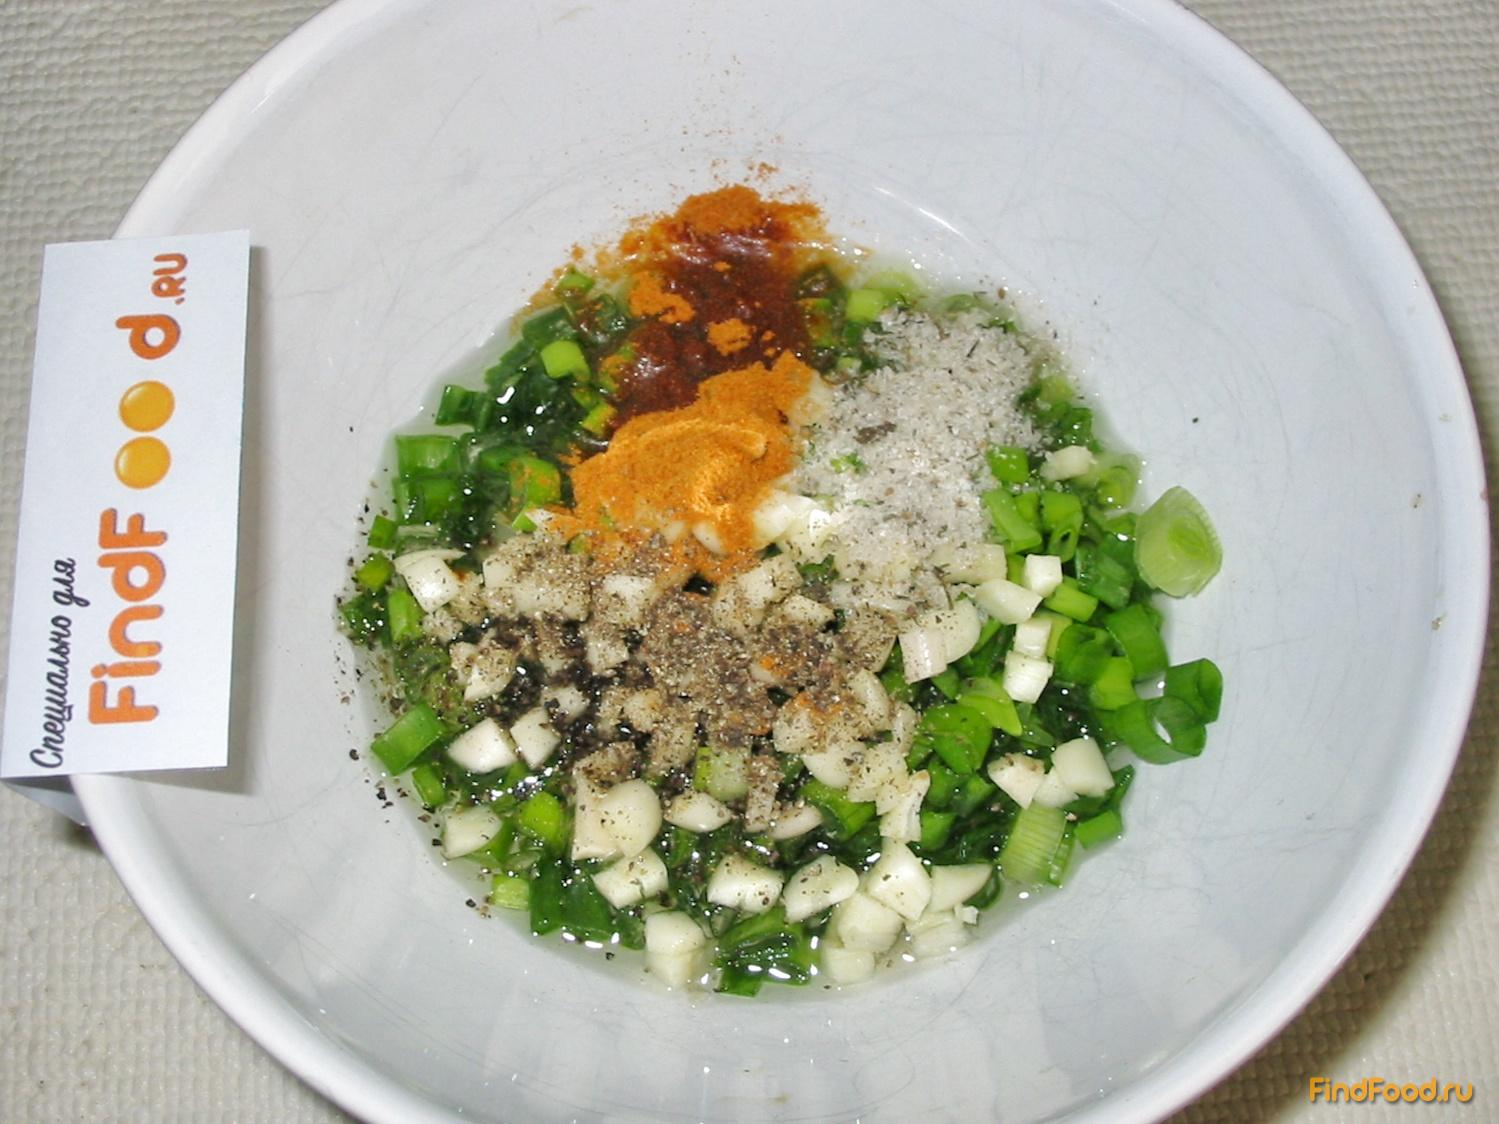 Рецепт гречки с печенью и сметаной